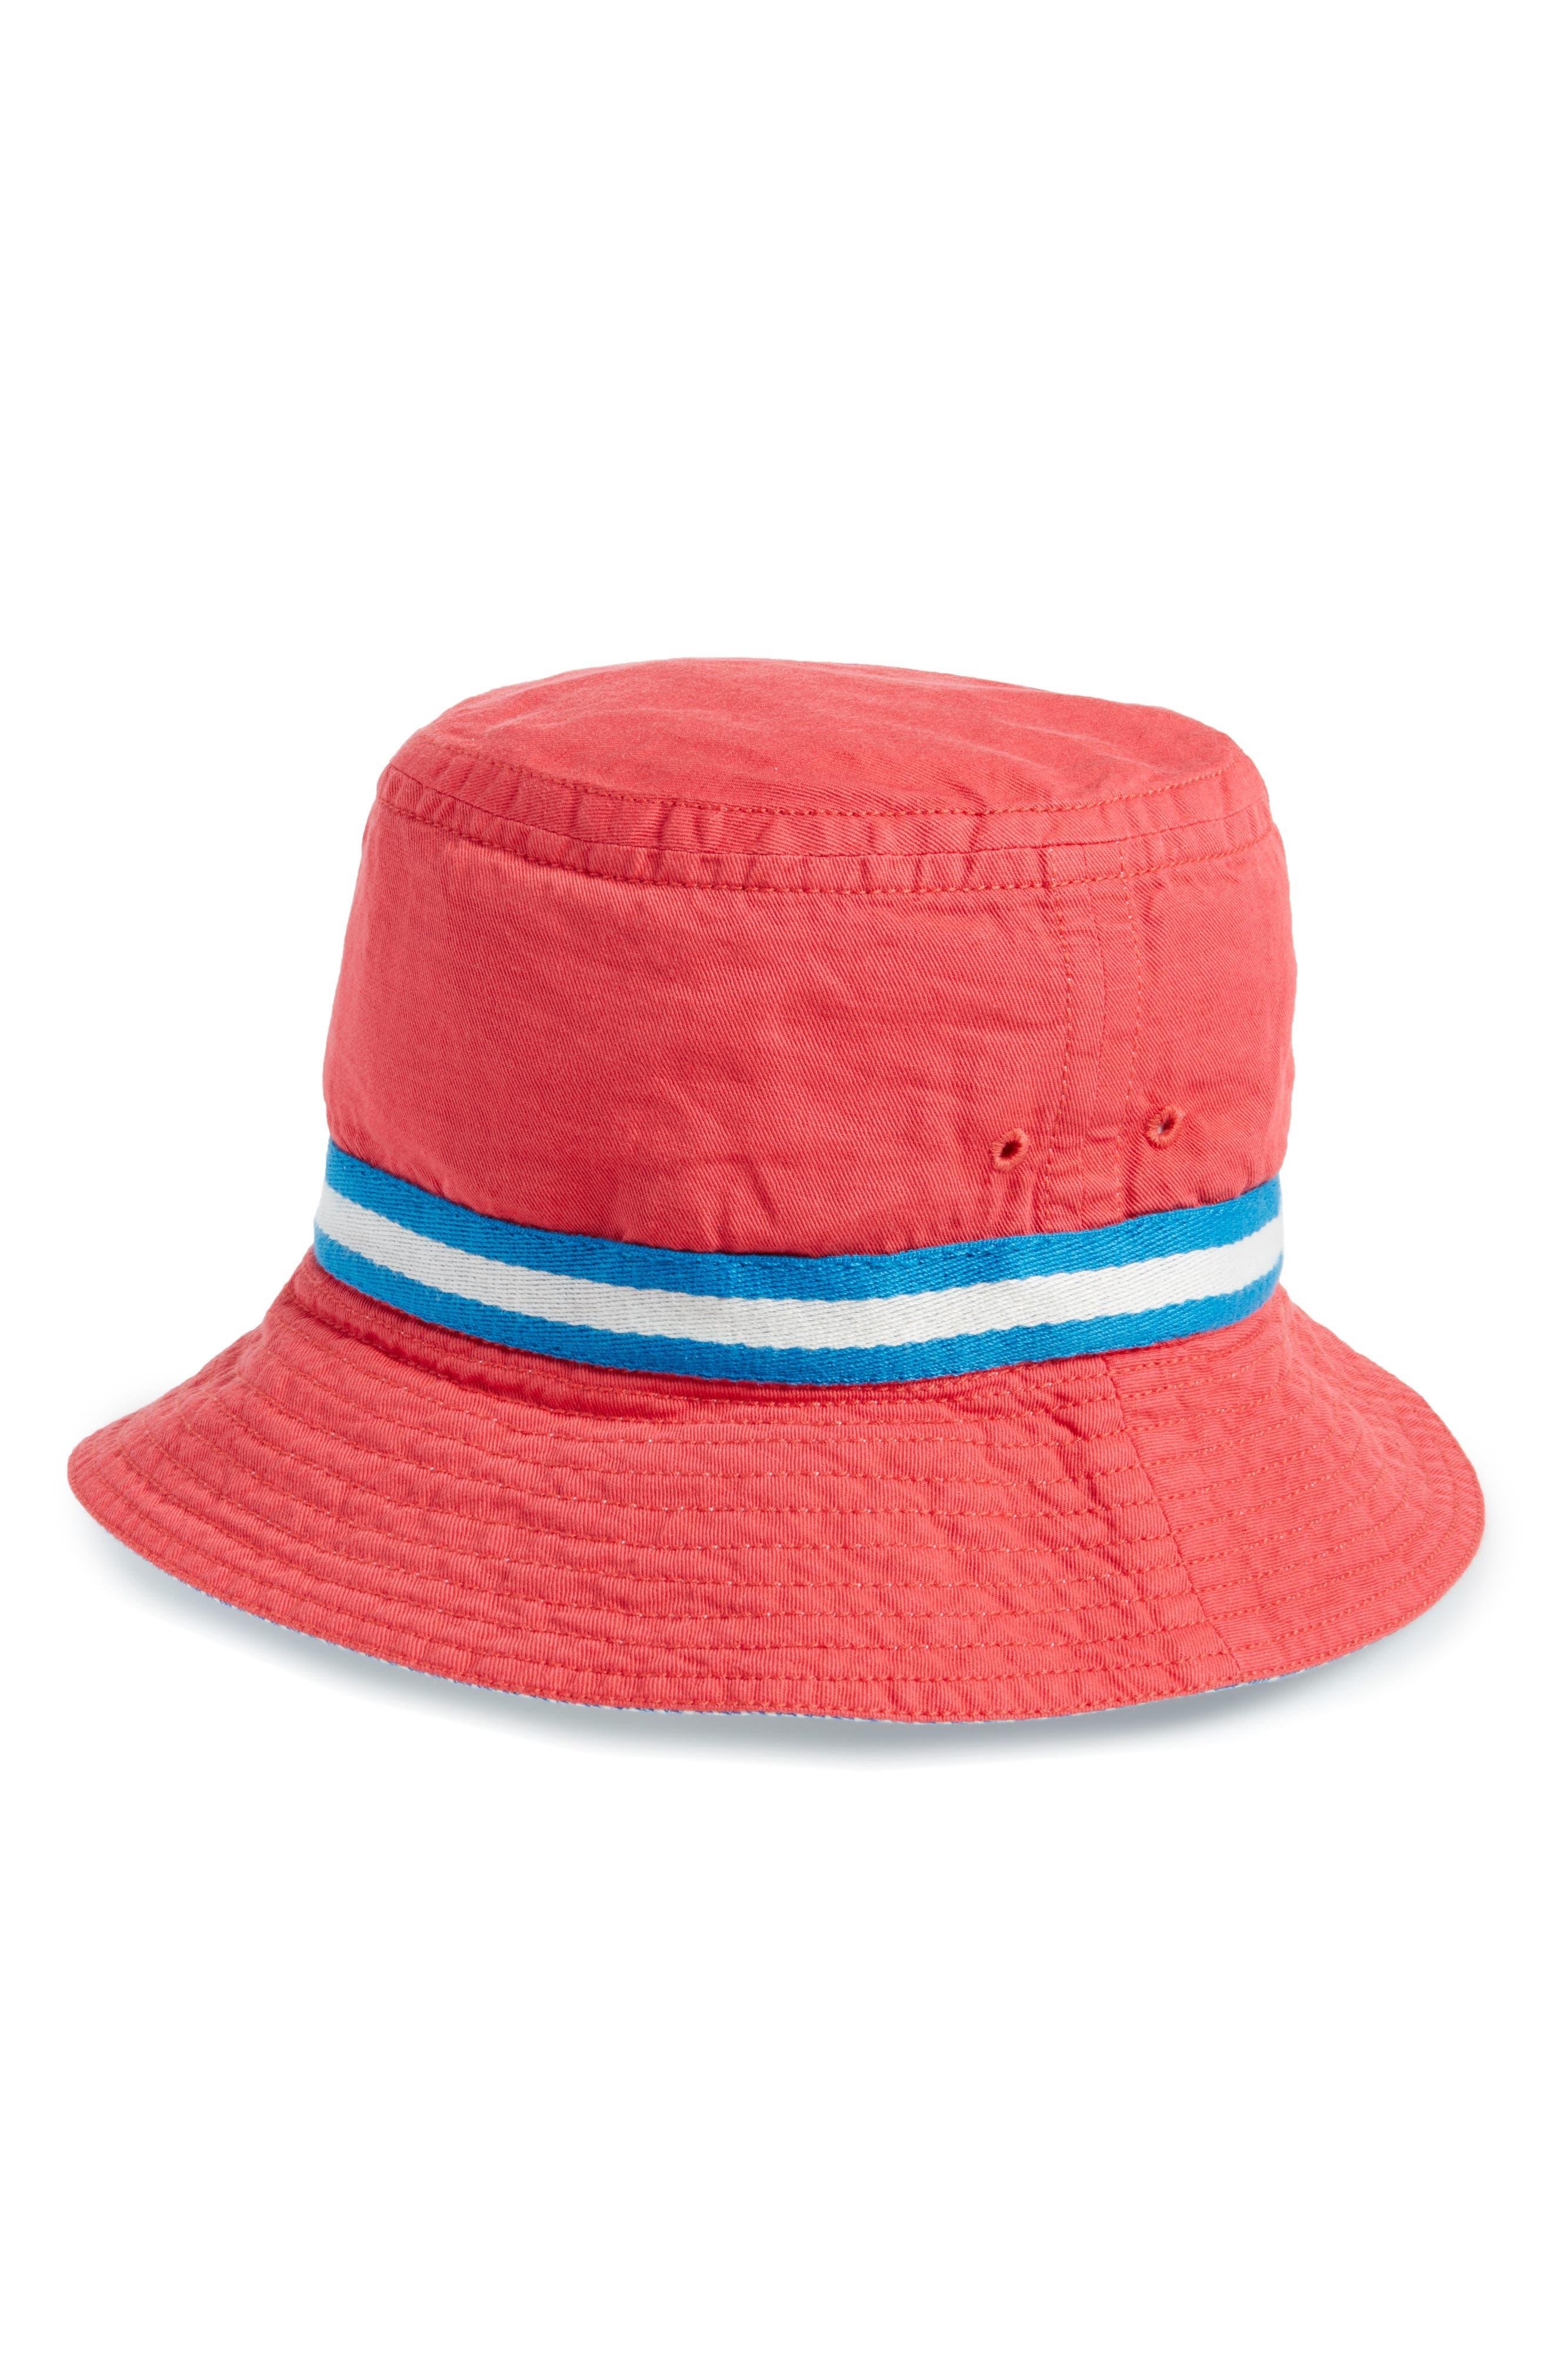 Fisherman's Hat,                         Main,                         color, 614